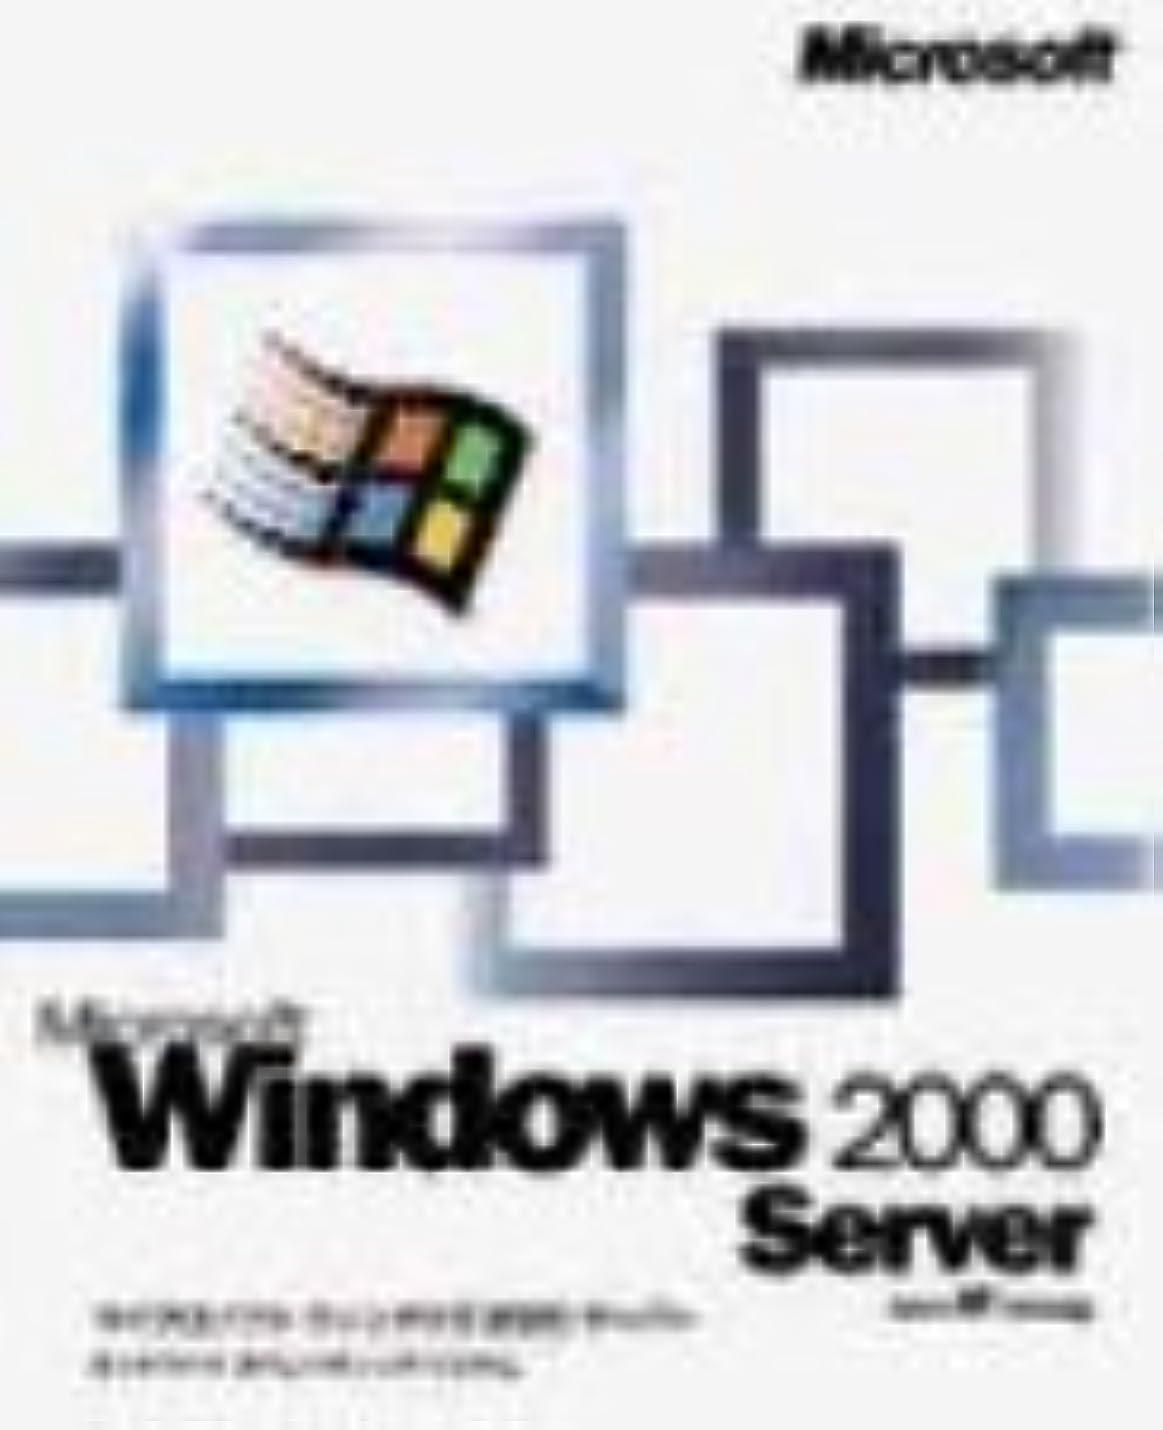 急流古風な電気技師Microsoft Windows2000 Server 25クライアントアクセスライセンス付き